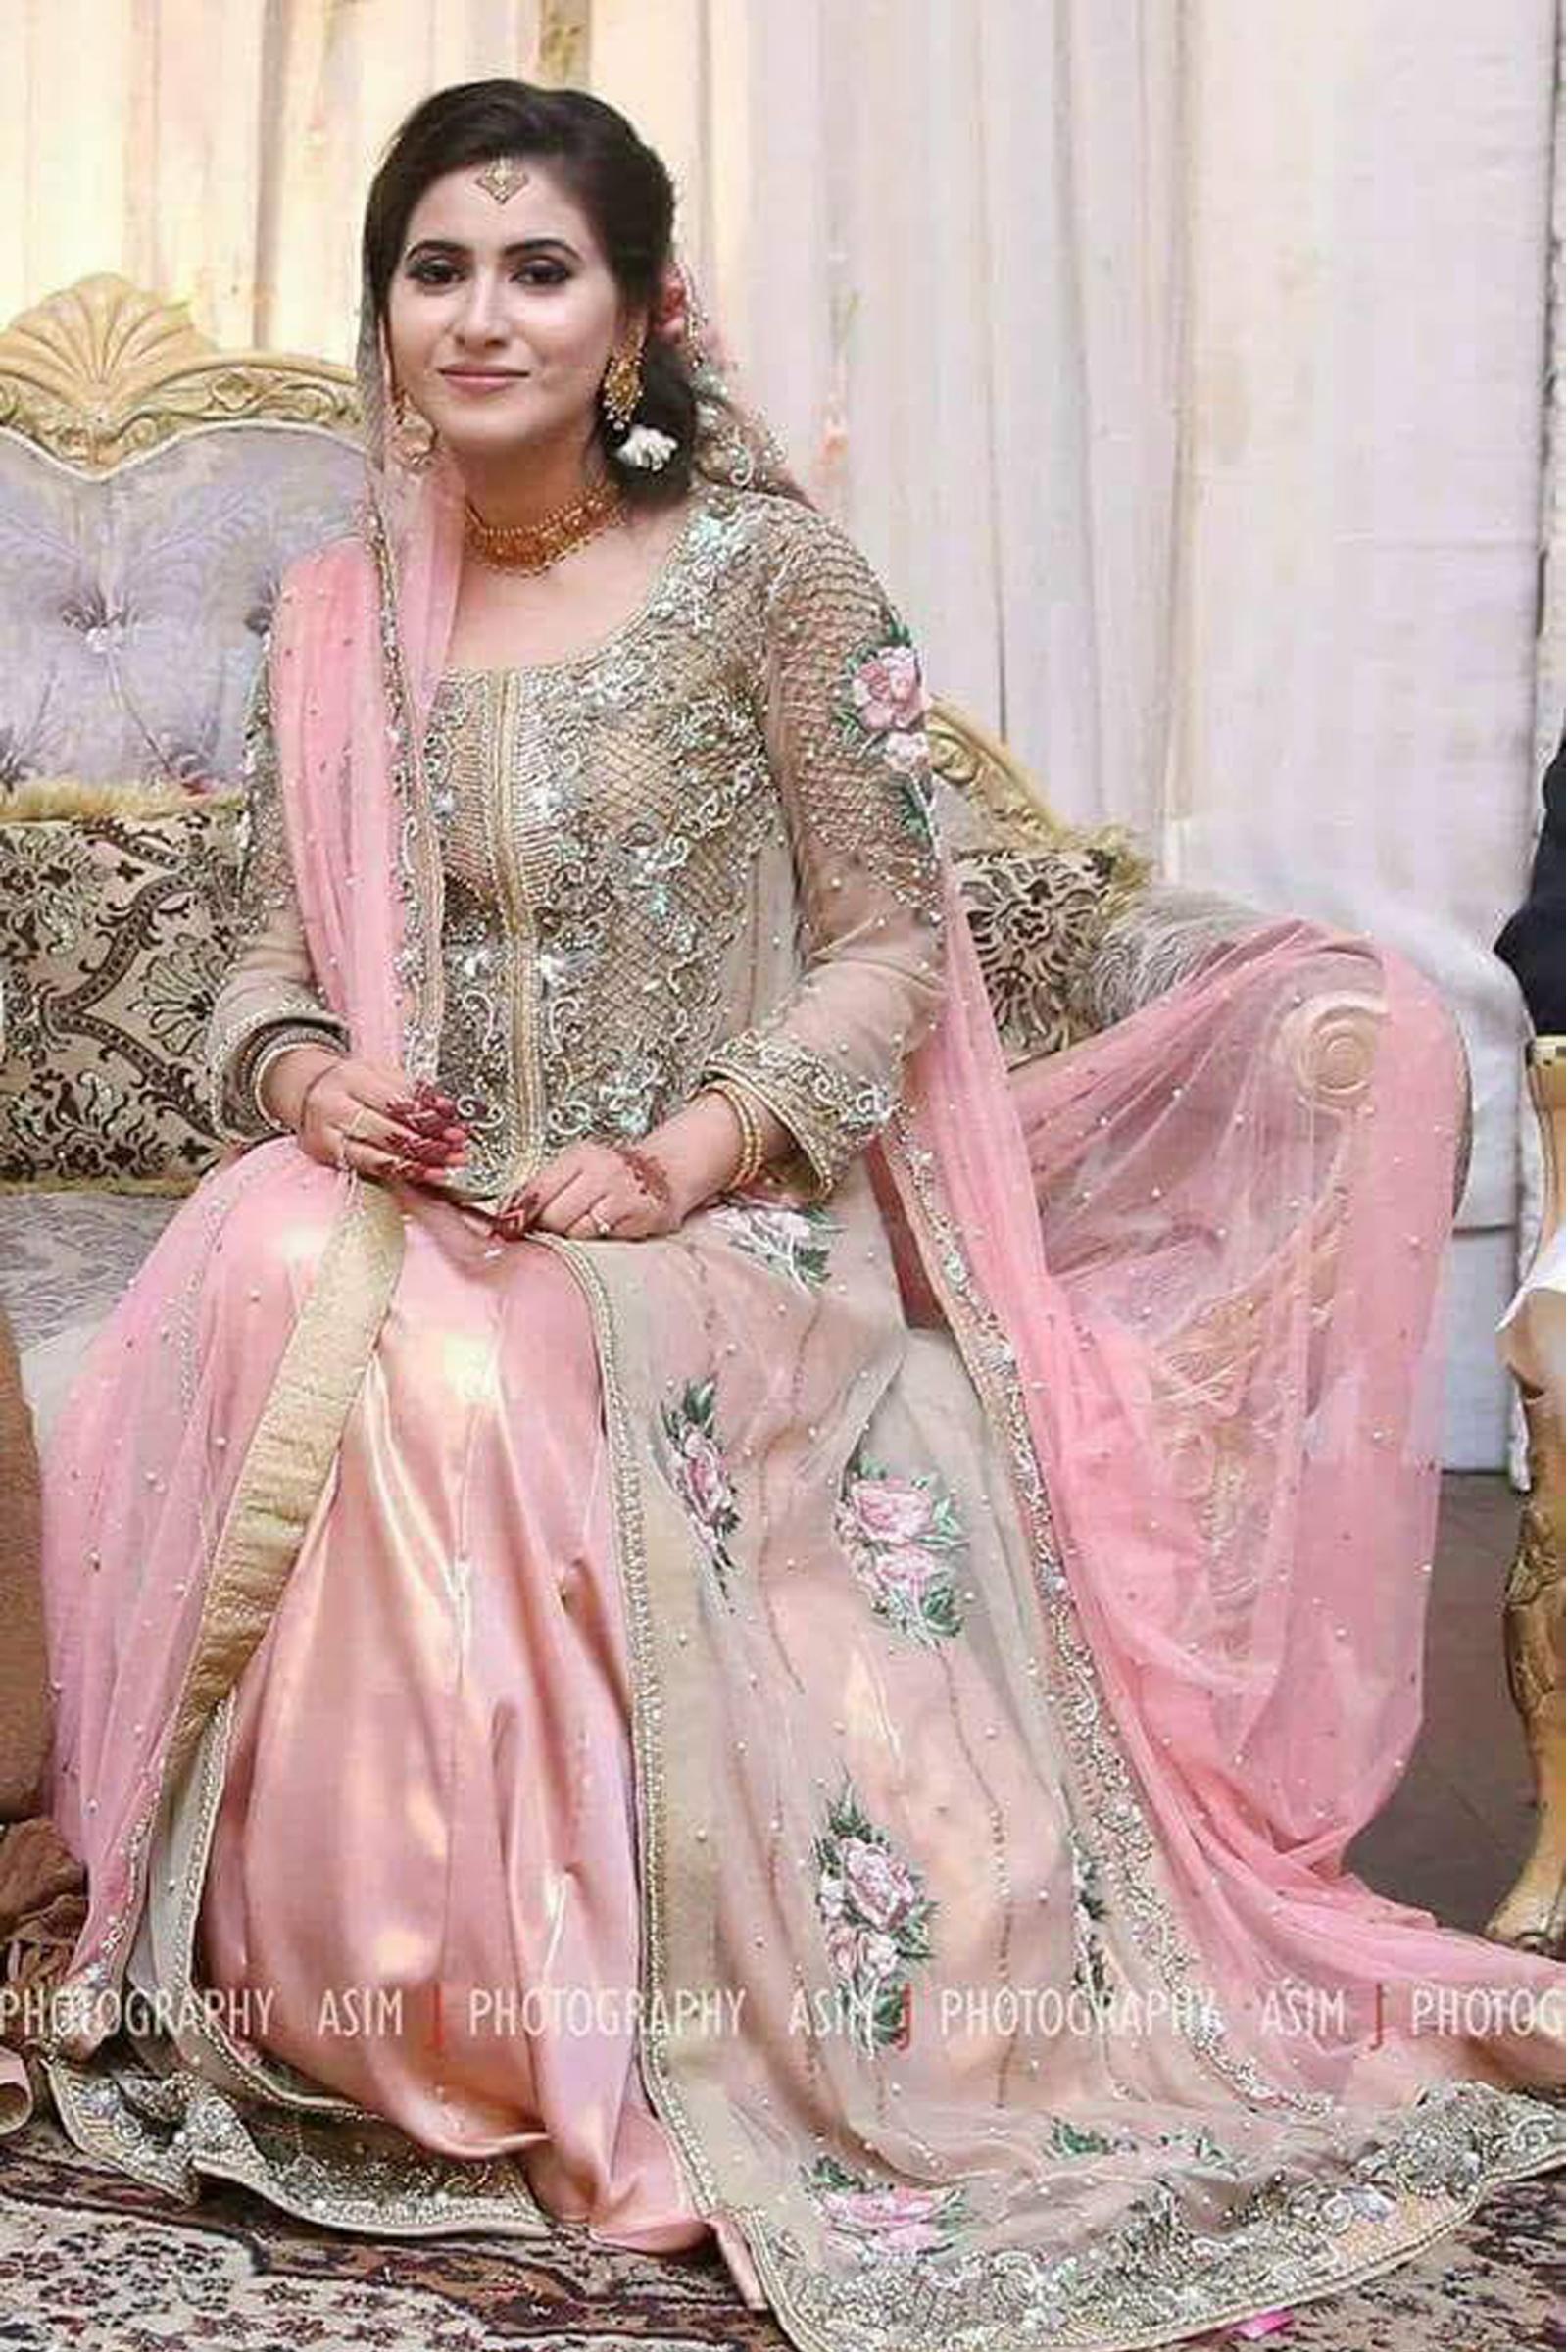 Luxury Bridal Pink Dress Code Bride 0132